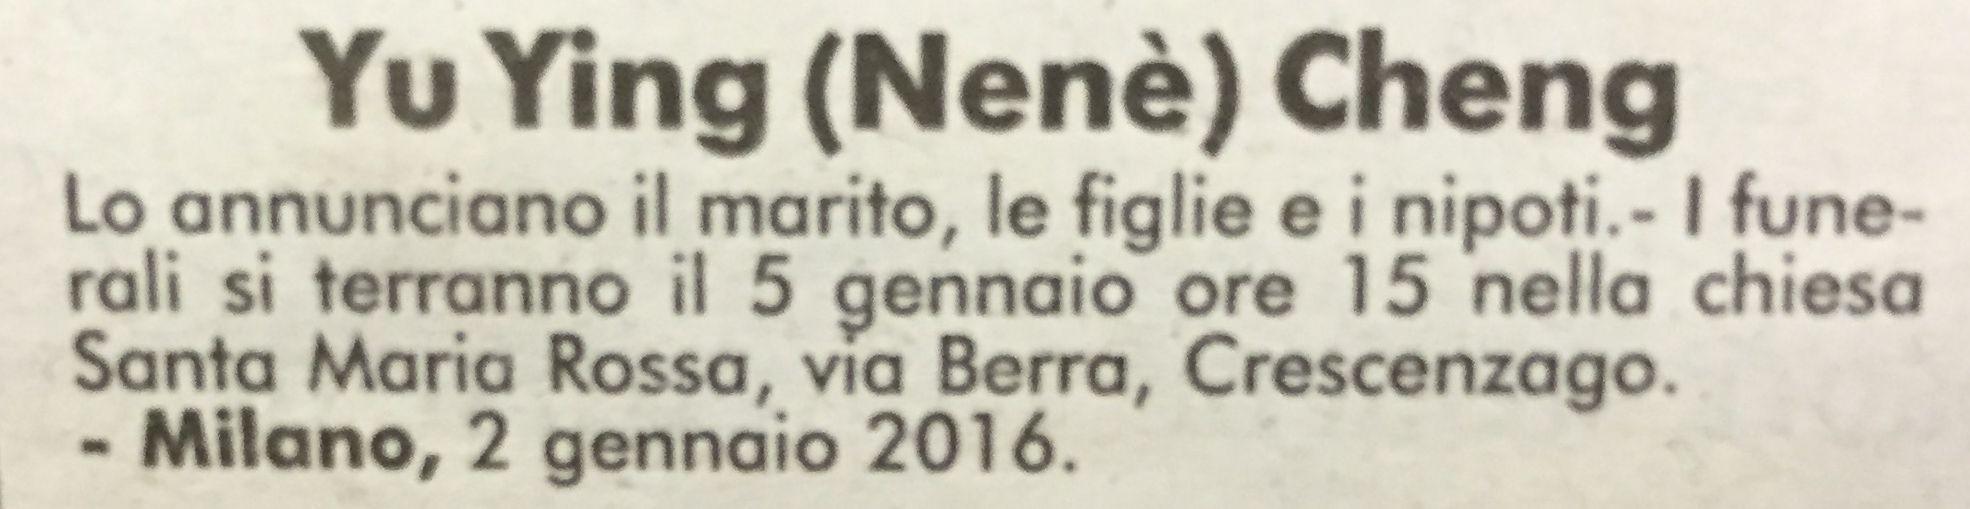 Il necrologio pubblicato sul Corriere della Sera